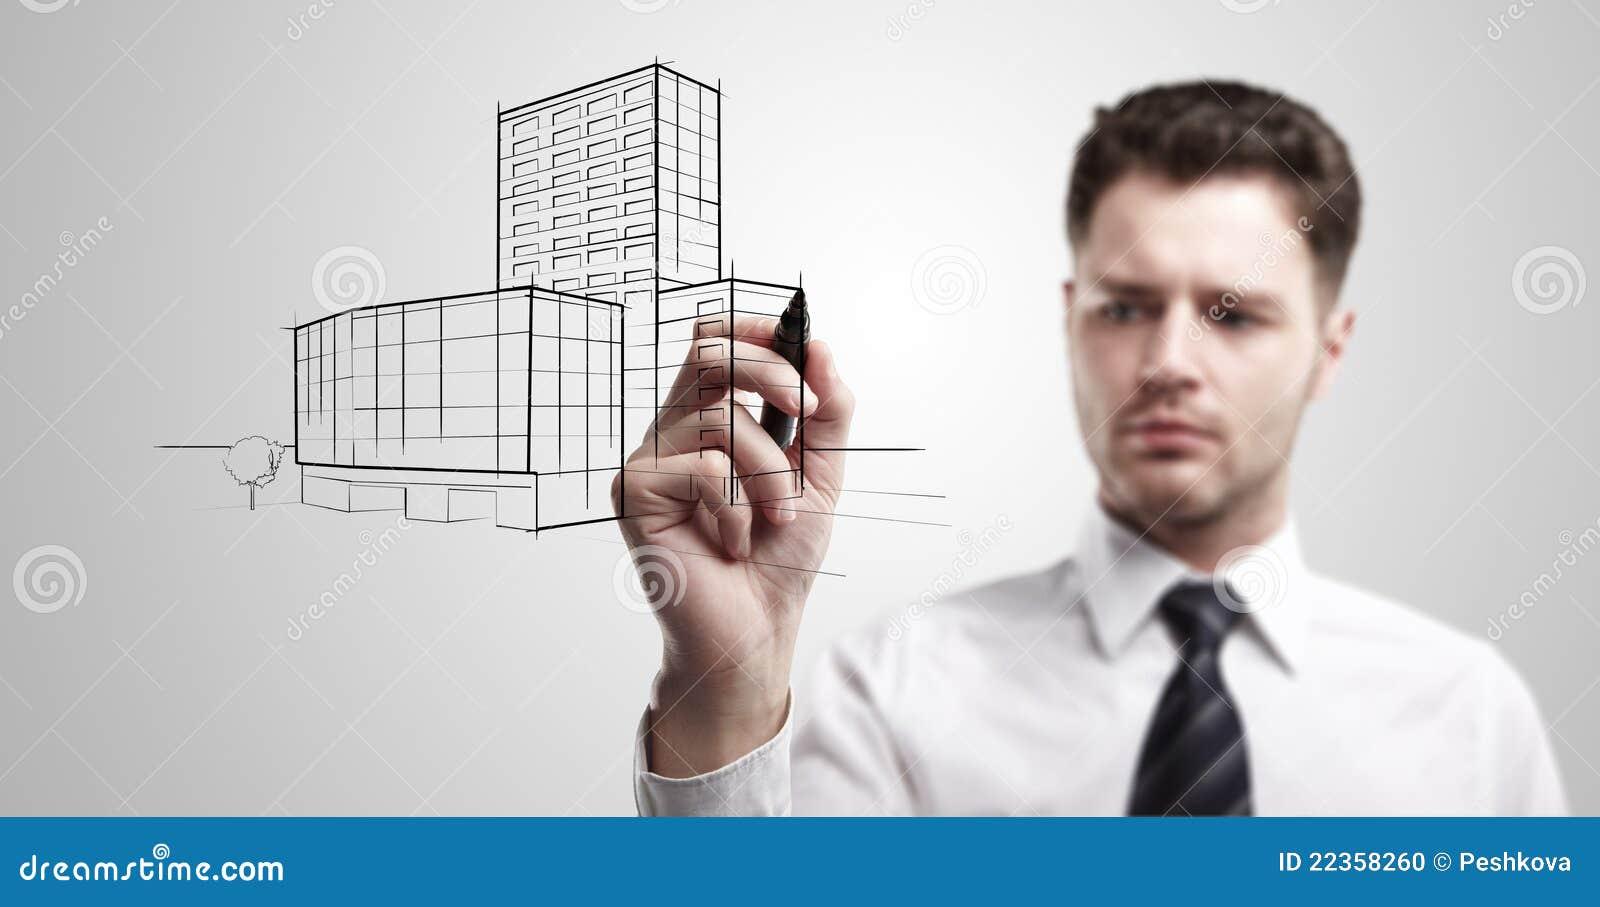 大厦企业图画人项目年轻人